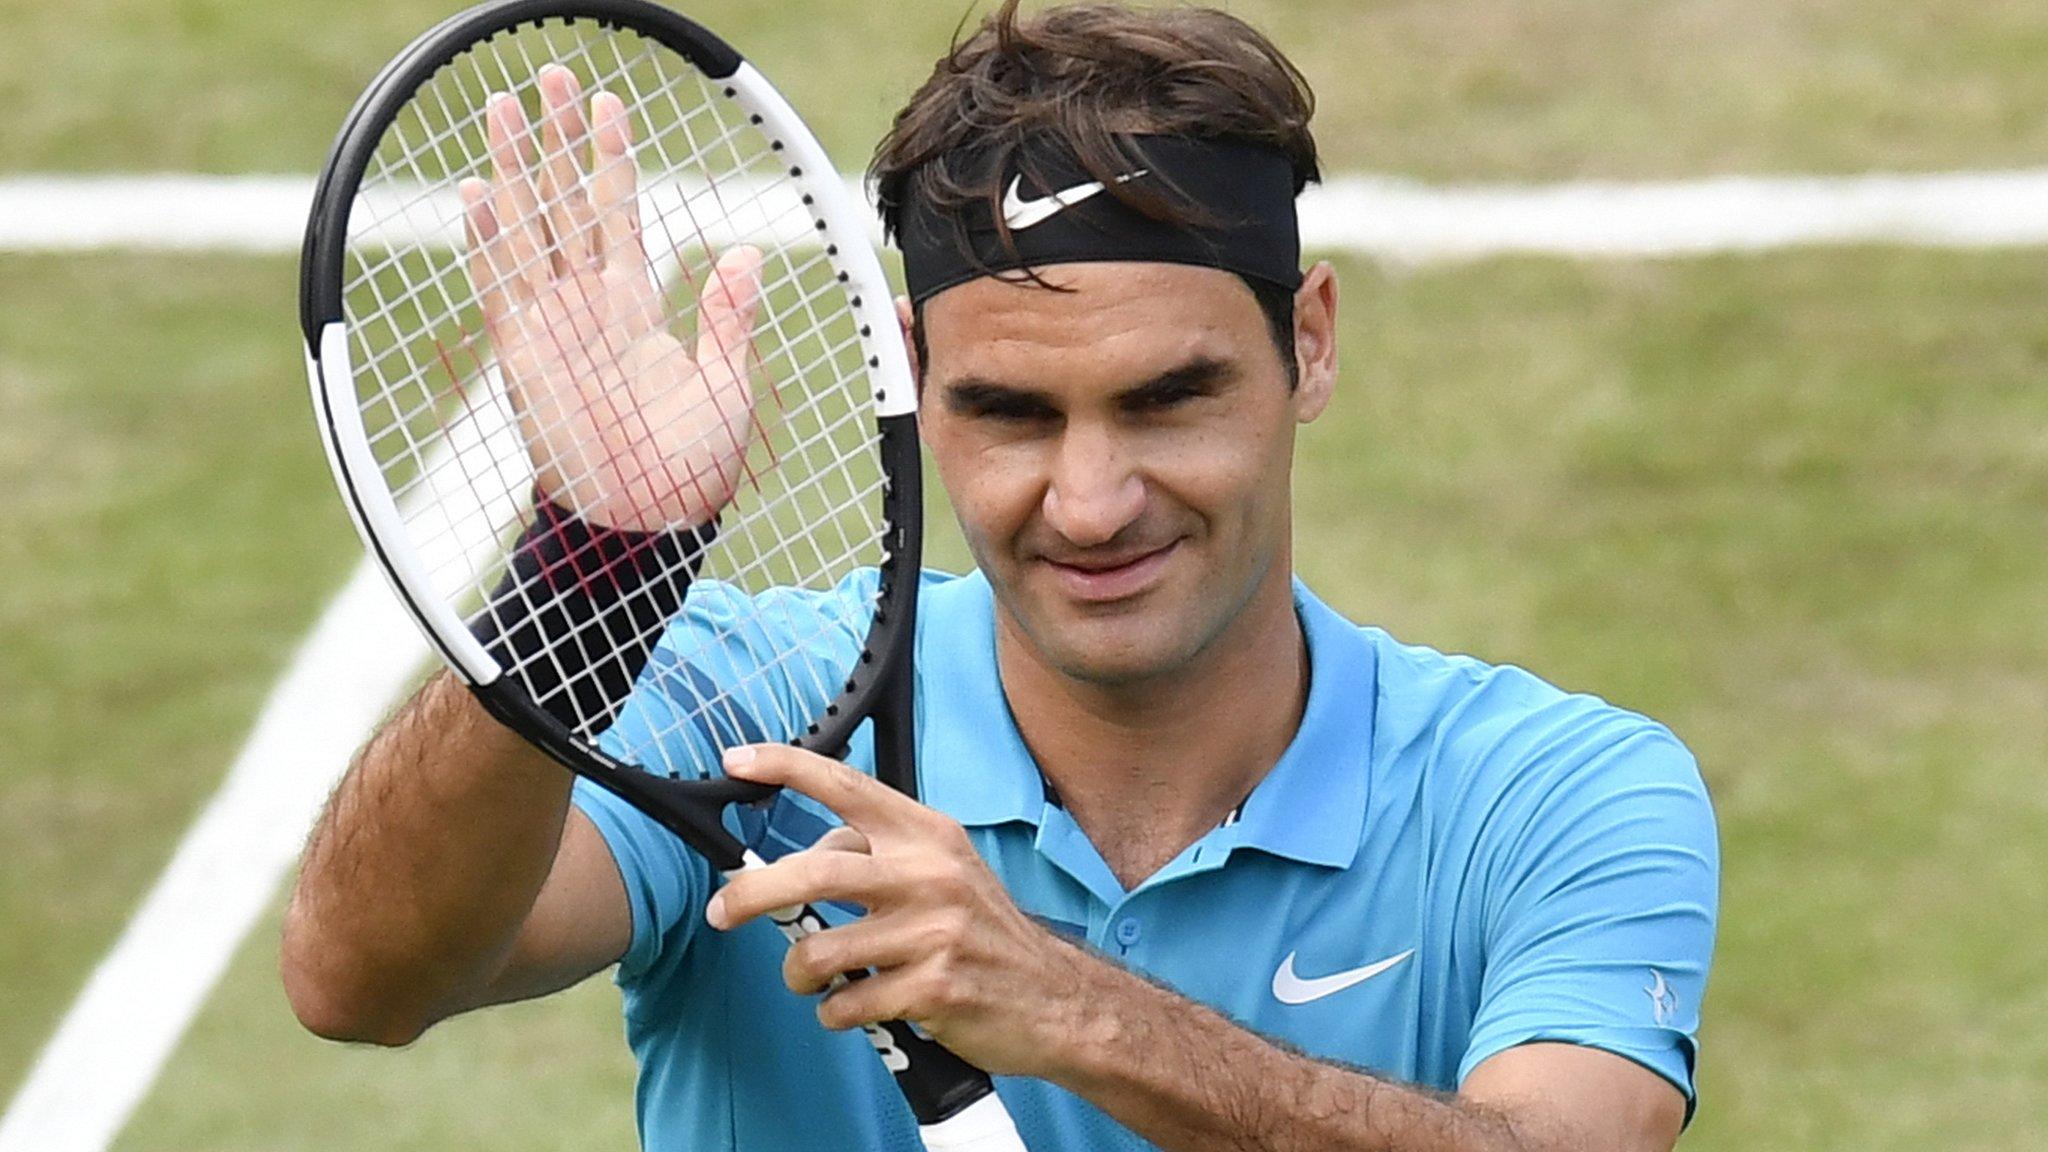 Mercedes Cup: Roger Federer beats Guido Pella to reach Stuttgart semi-finals